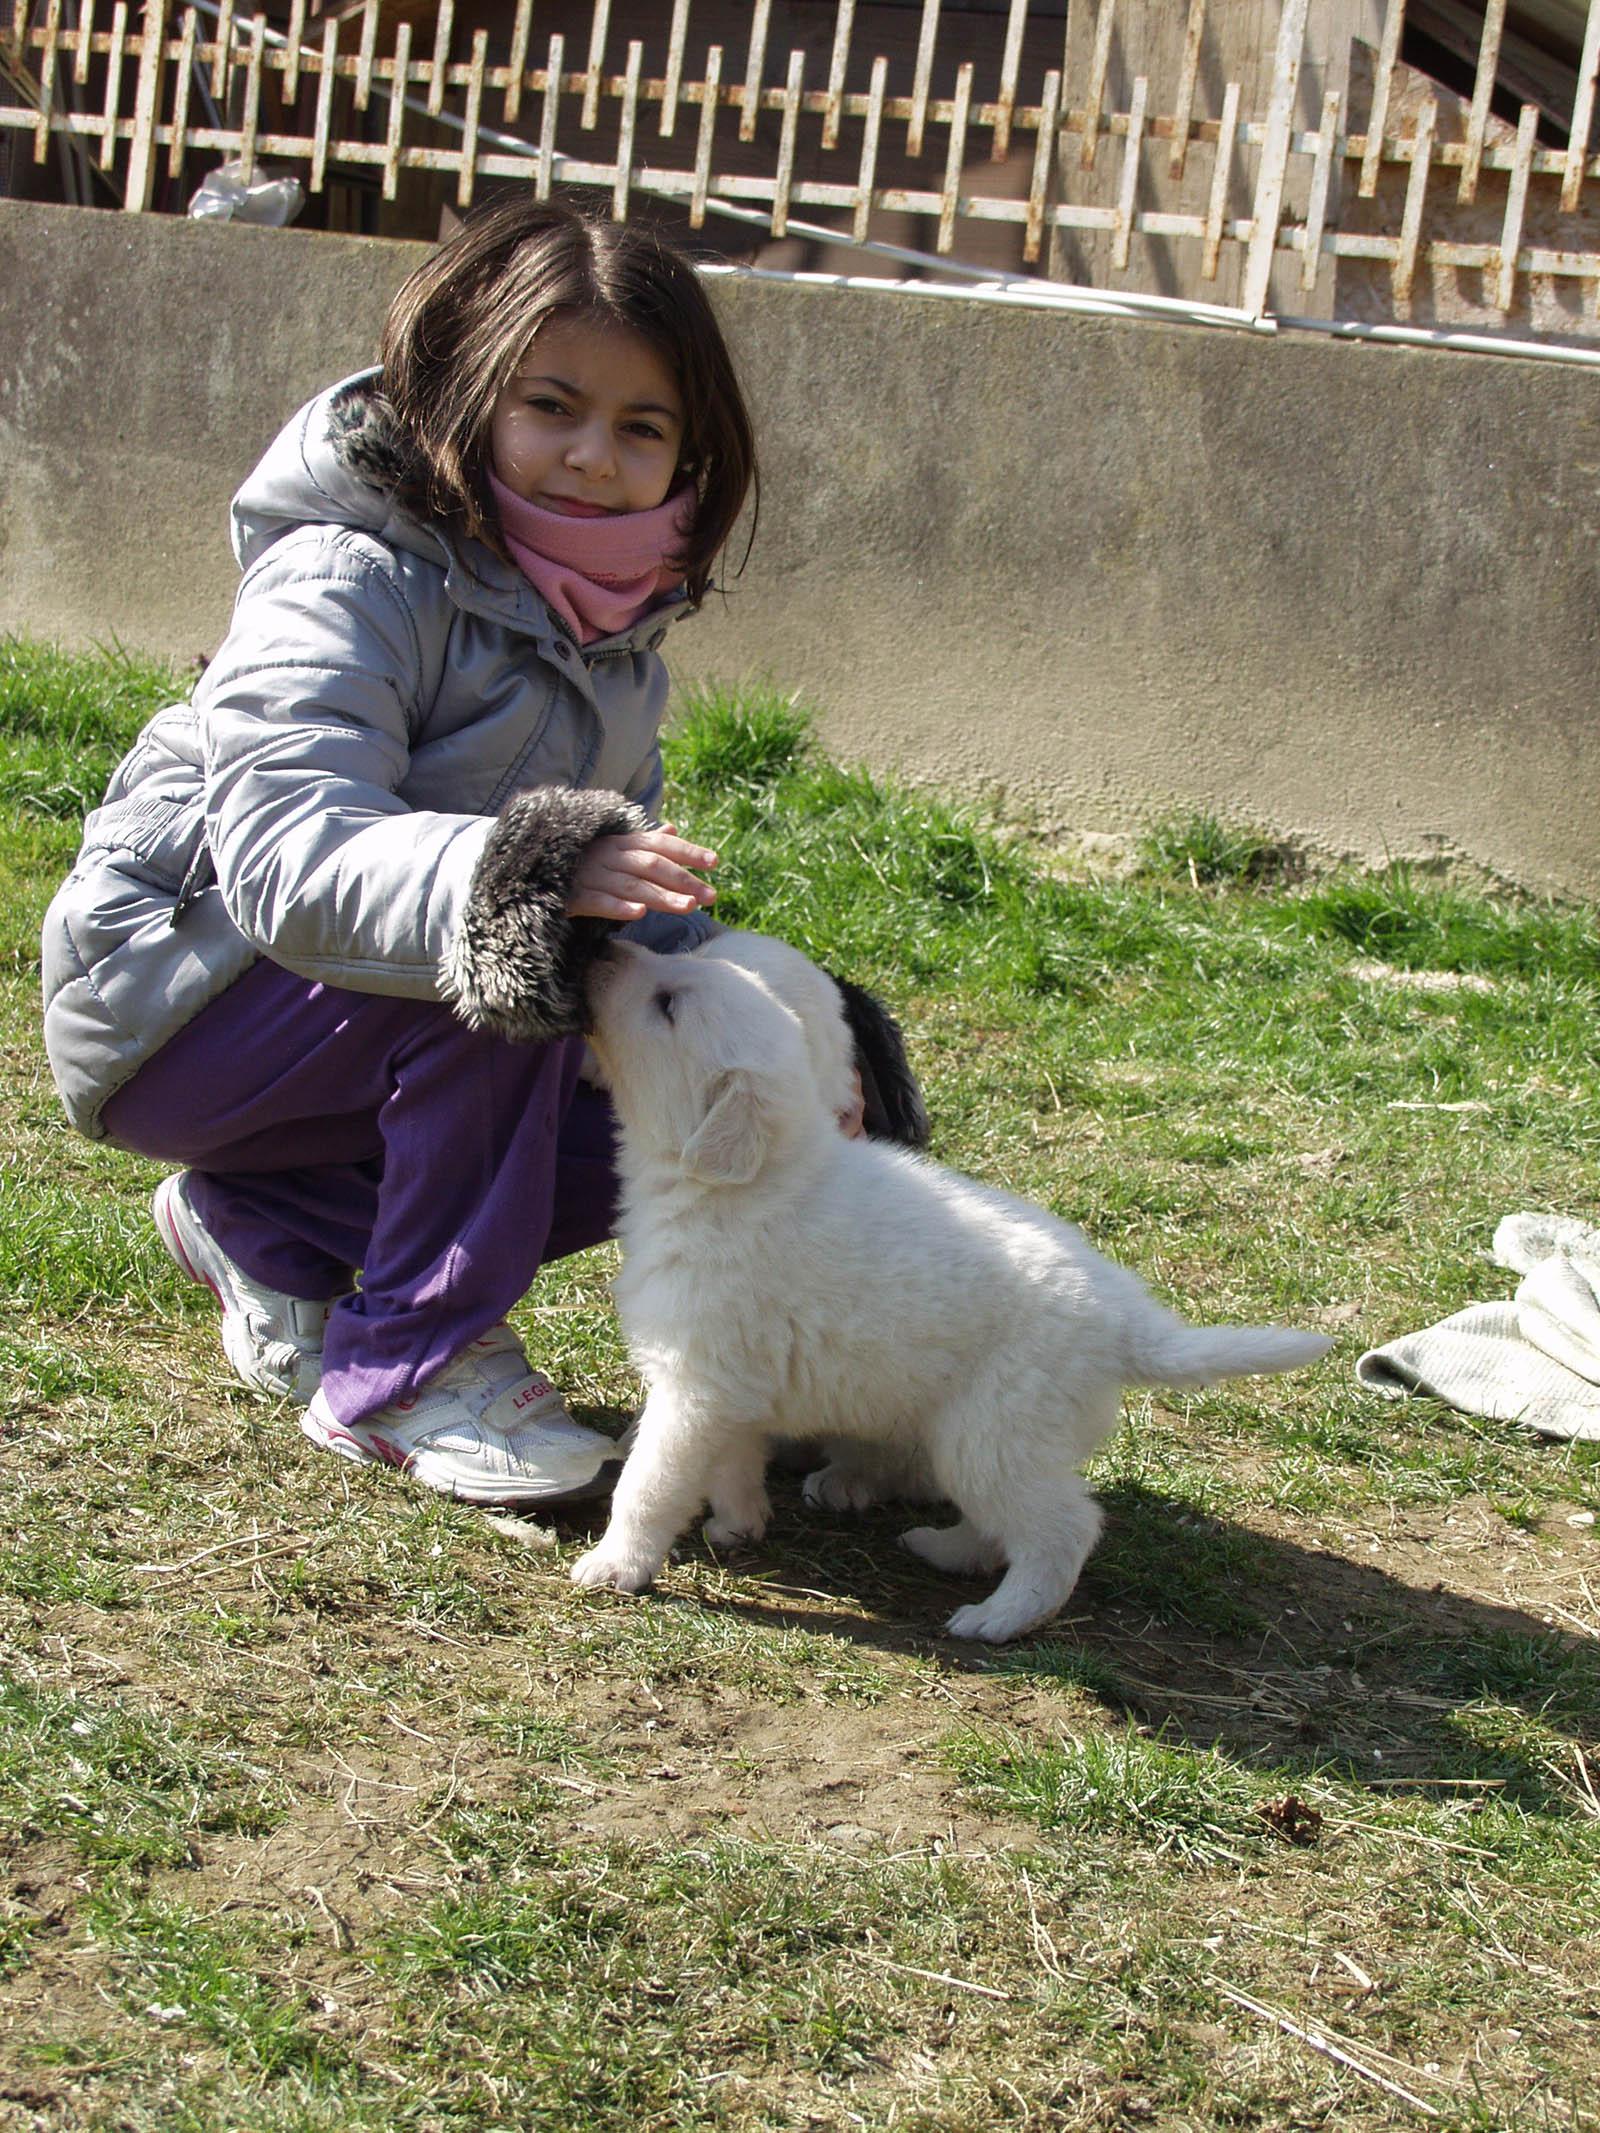 una bambina che gioca con un cucciolo di pastore maremmano